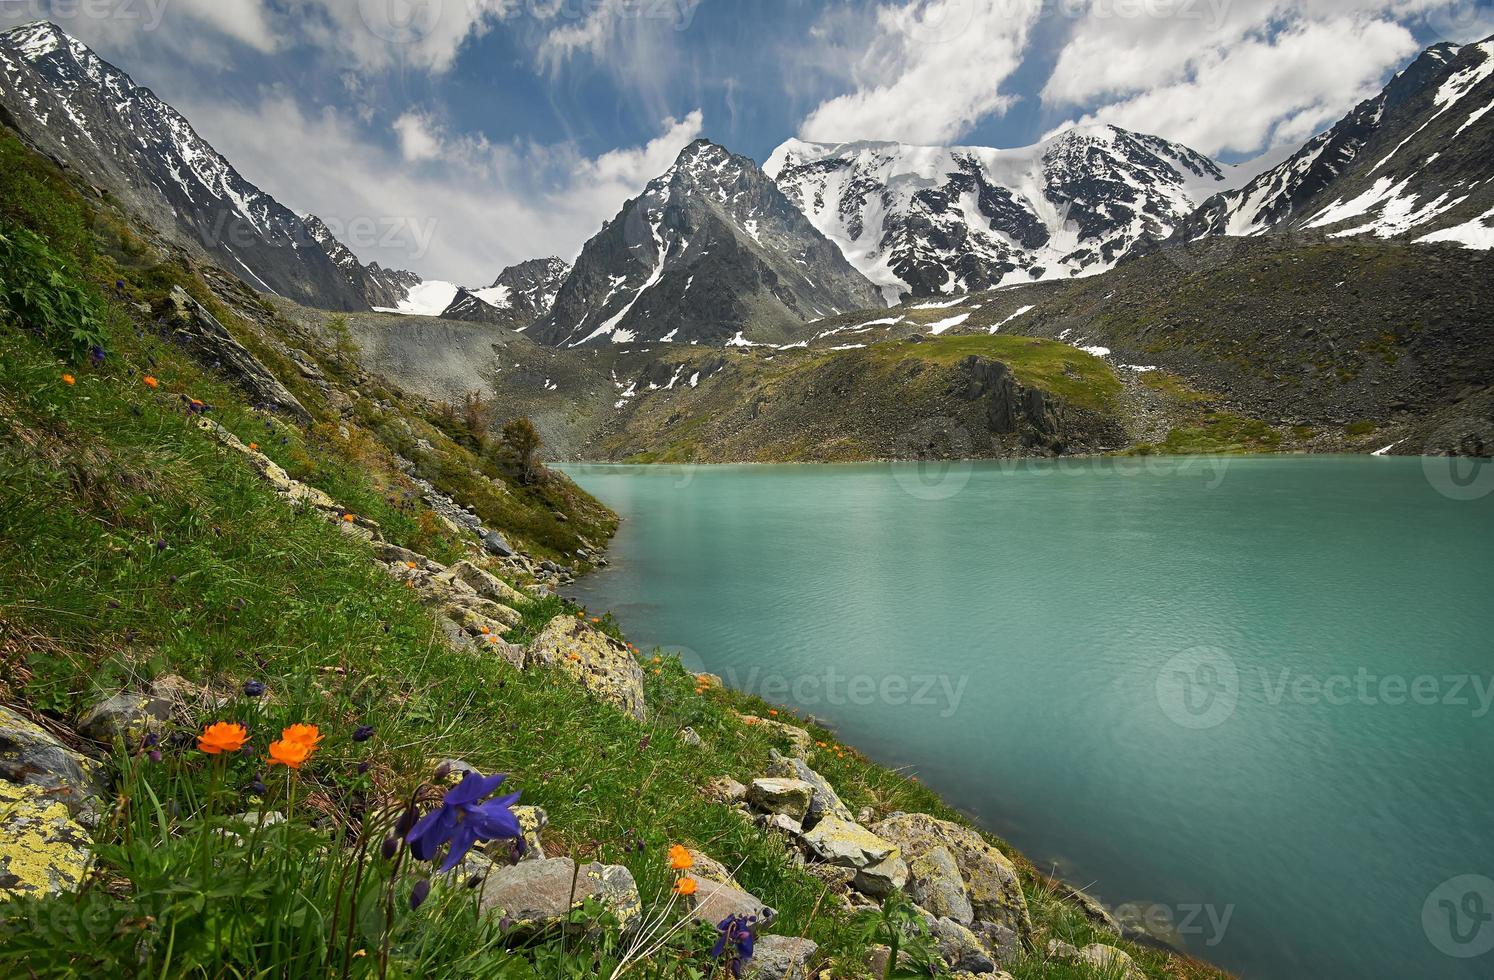 Mountain lake photo